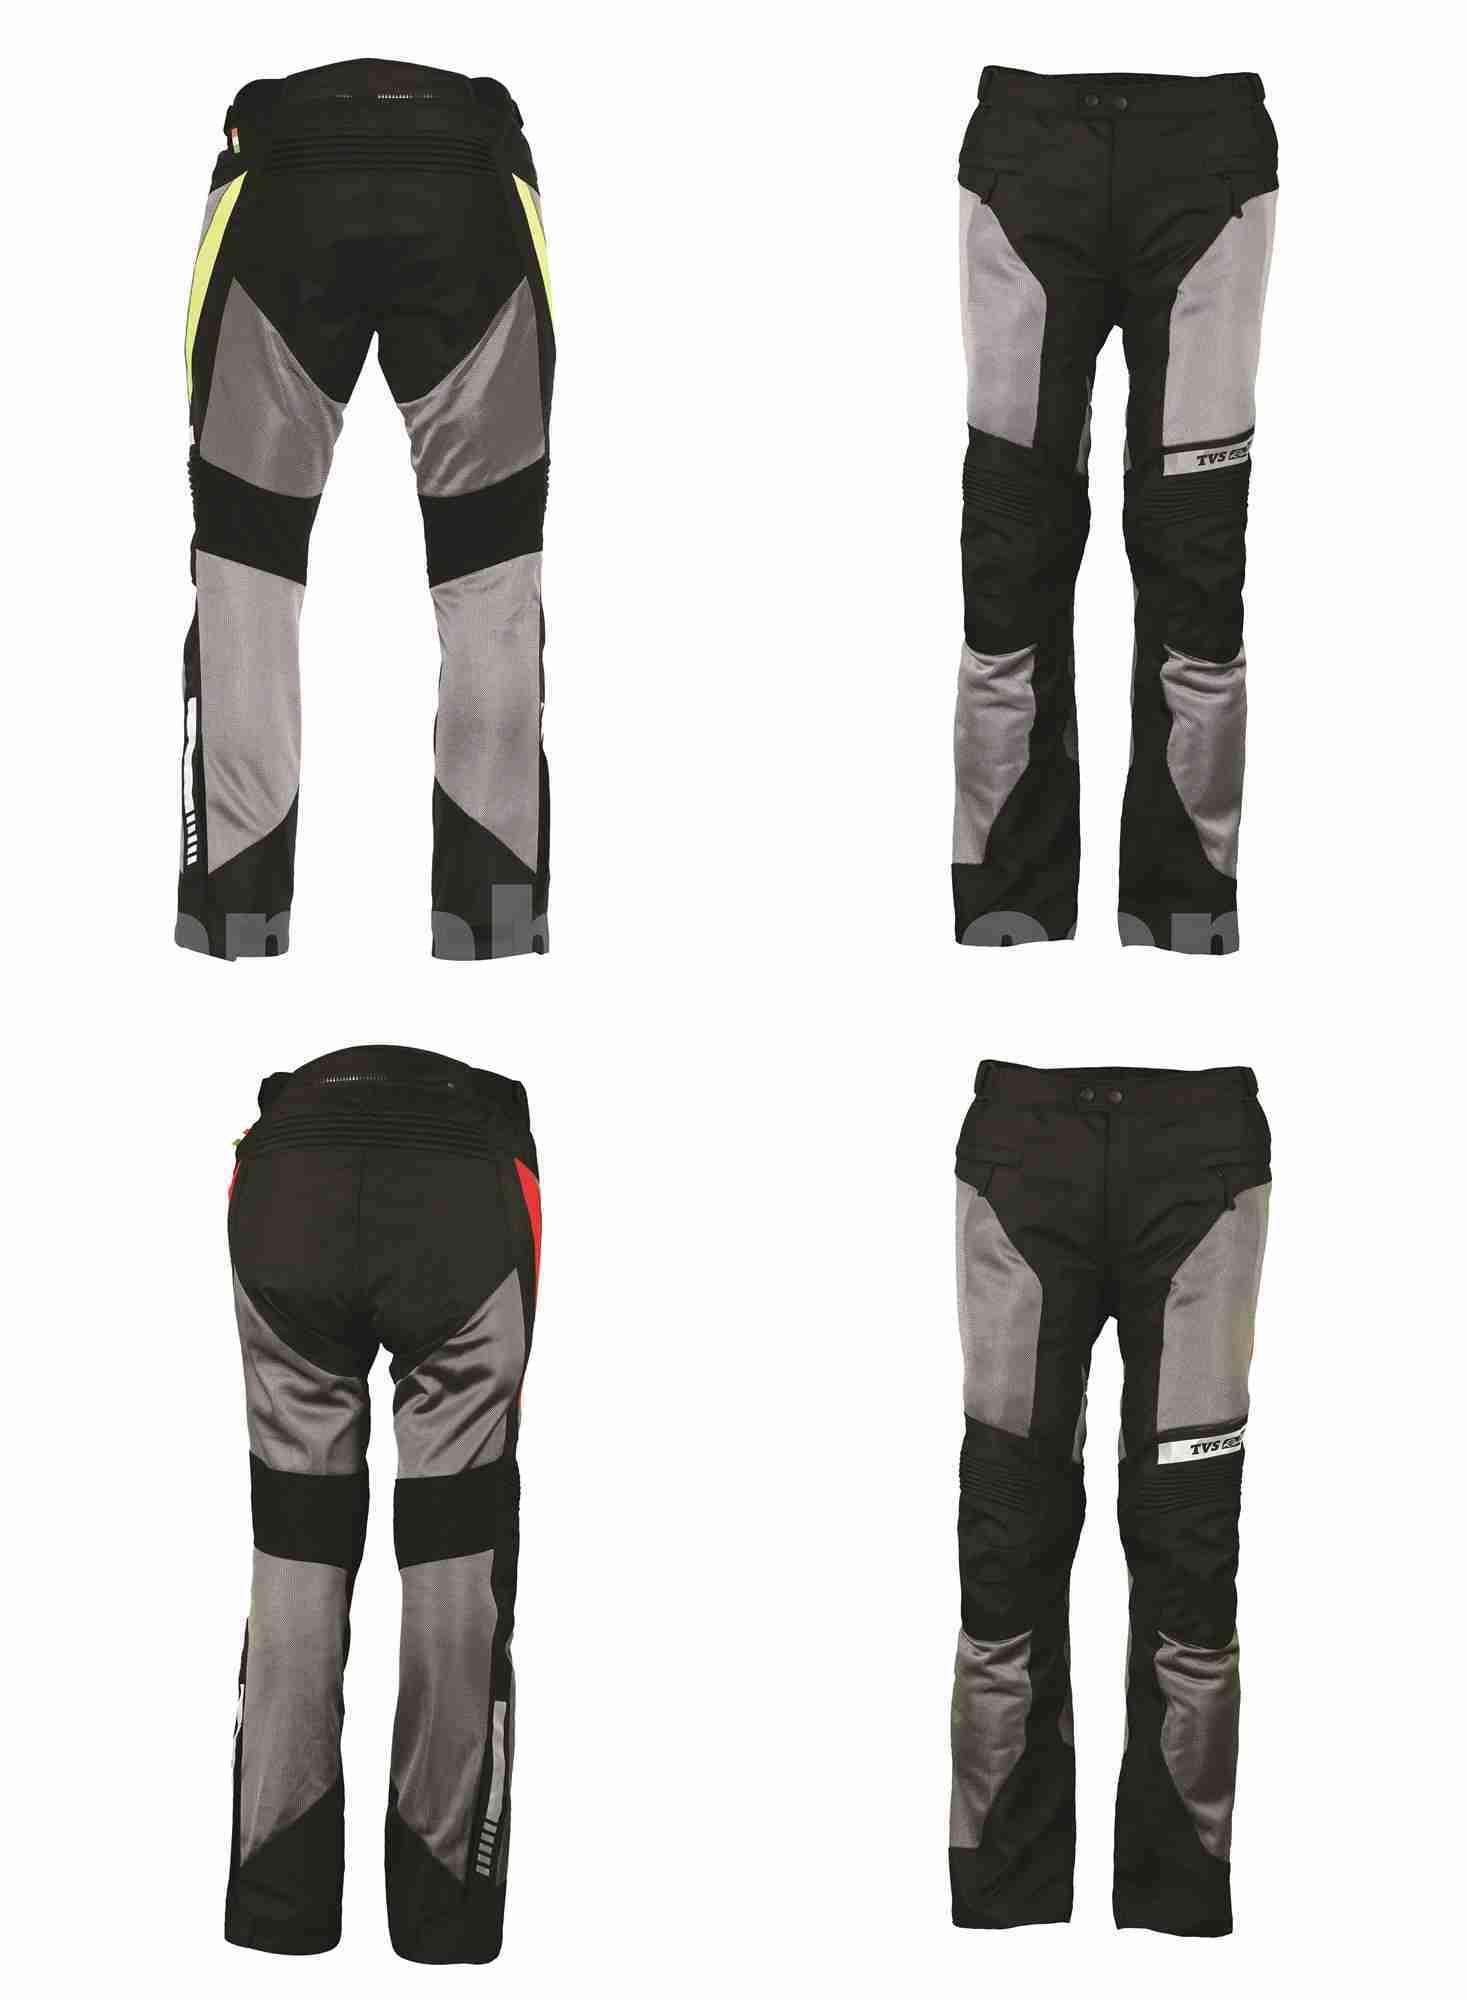 TVS Racing official riding pants